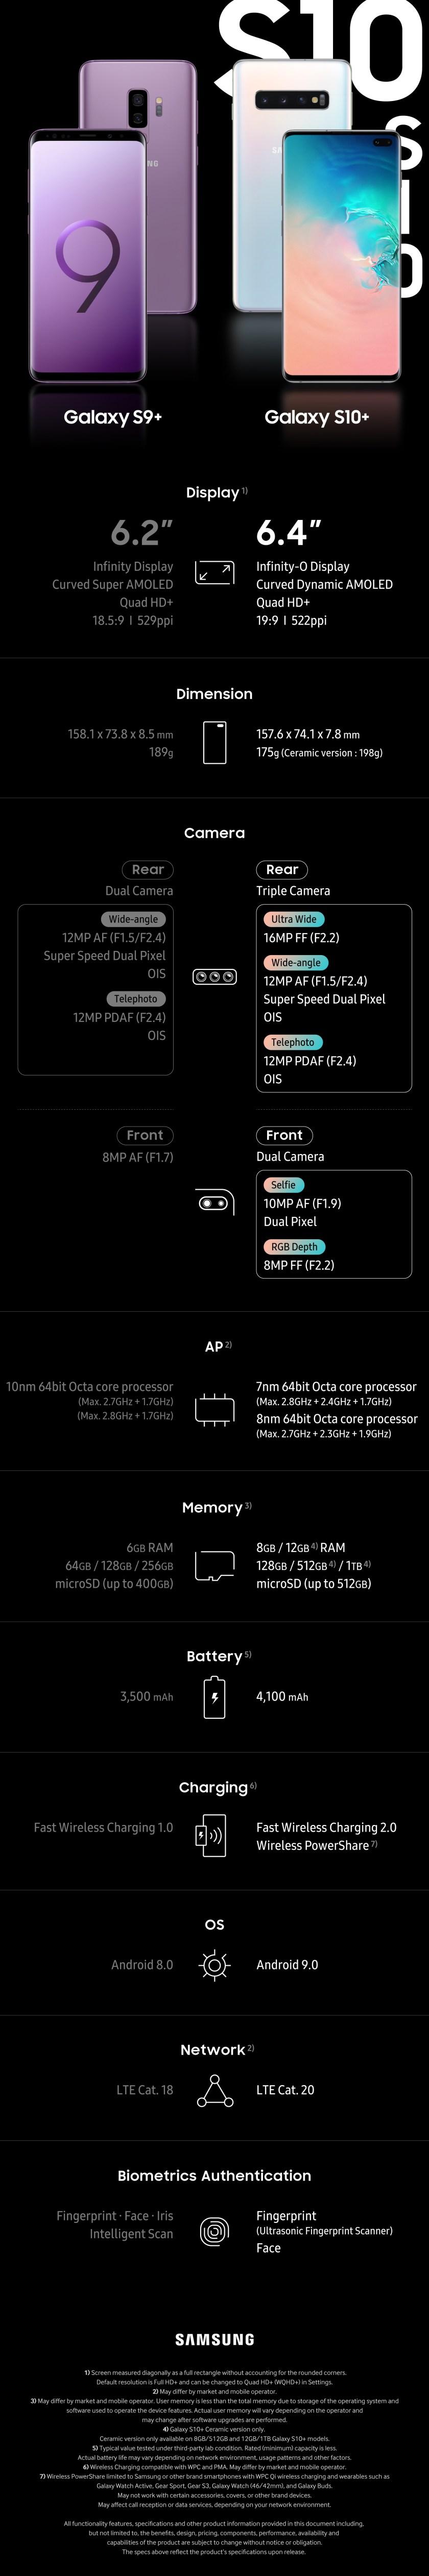 Galaxy S10+ vs Galaxy S9+